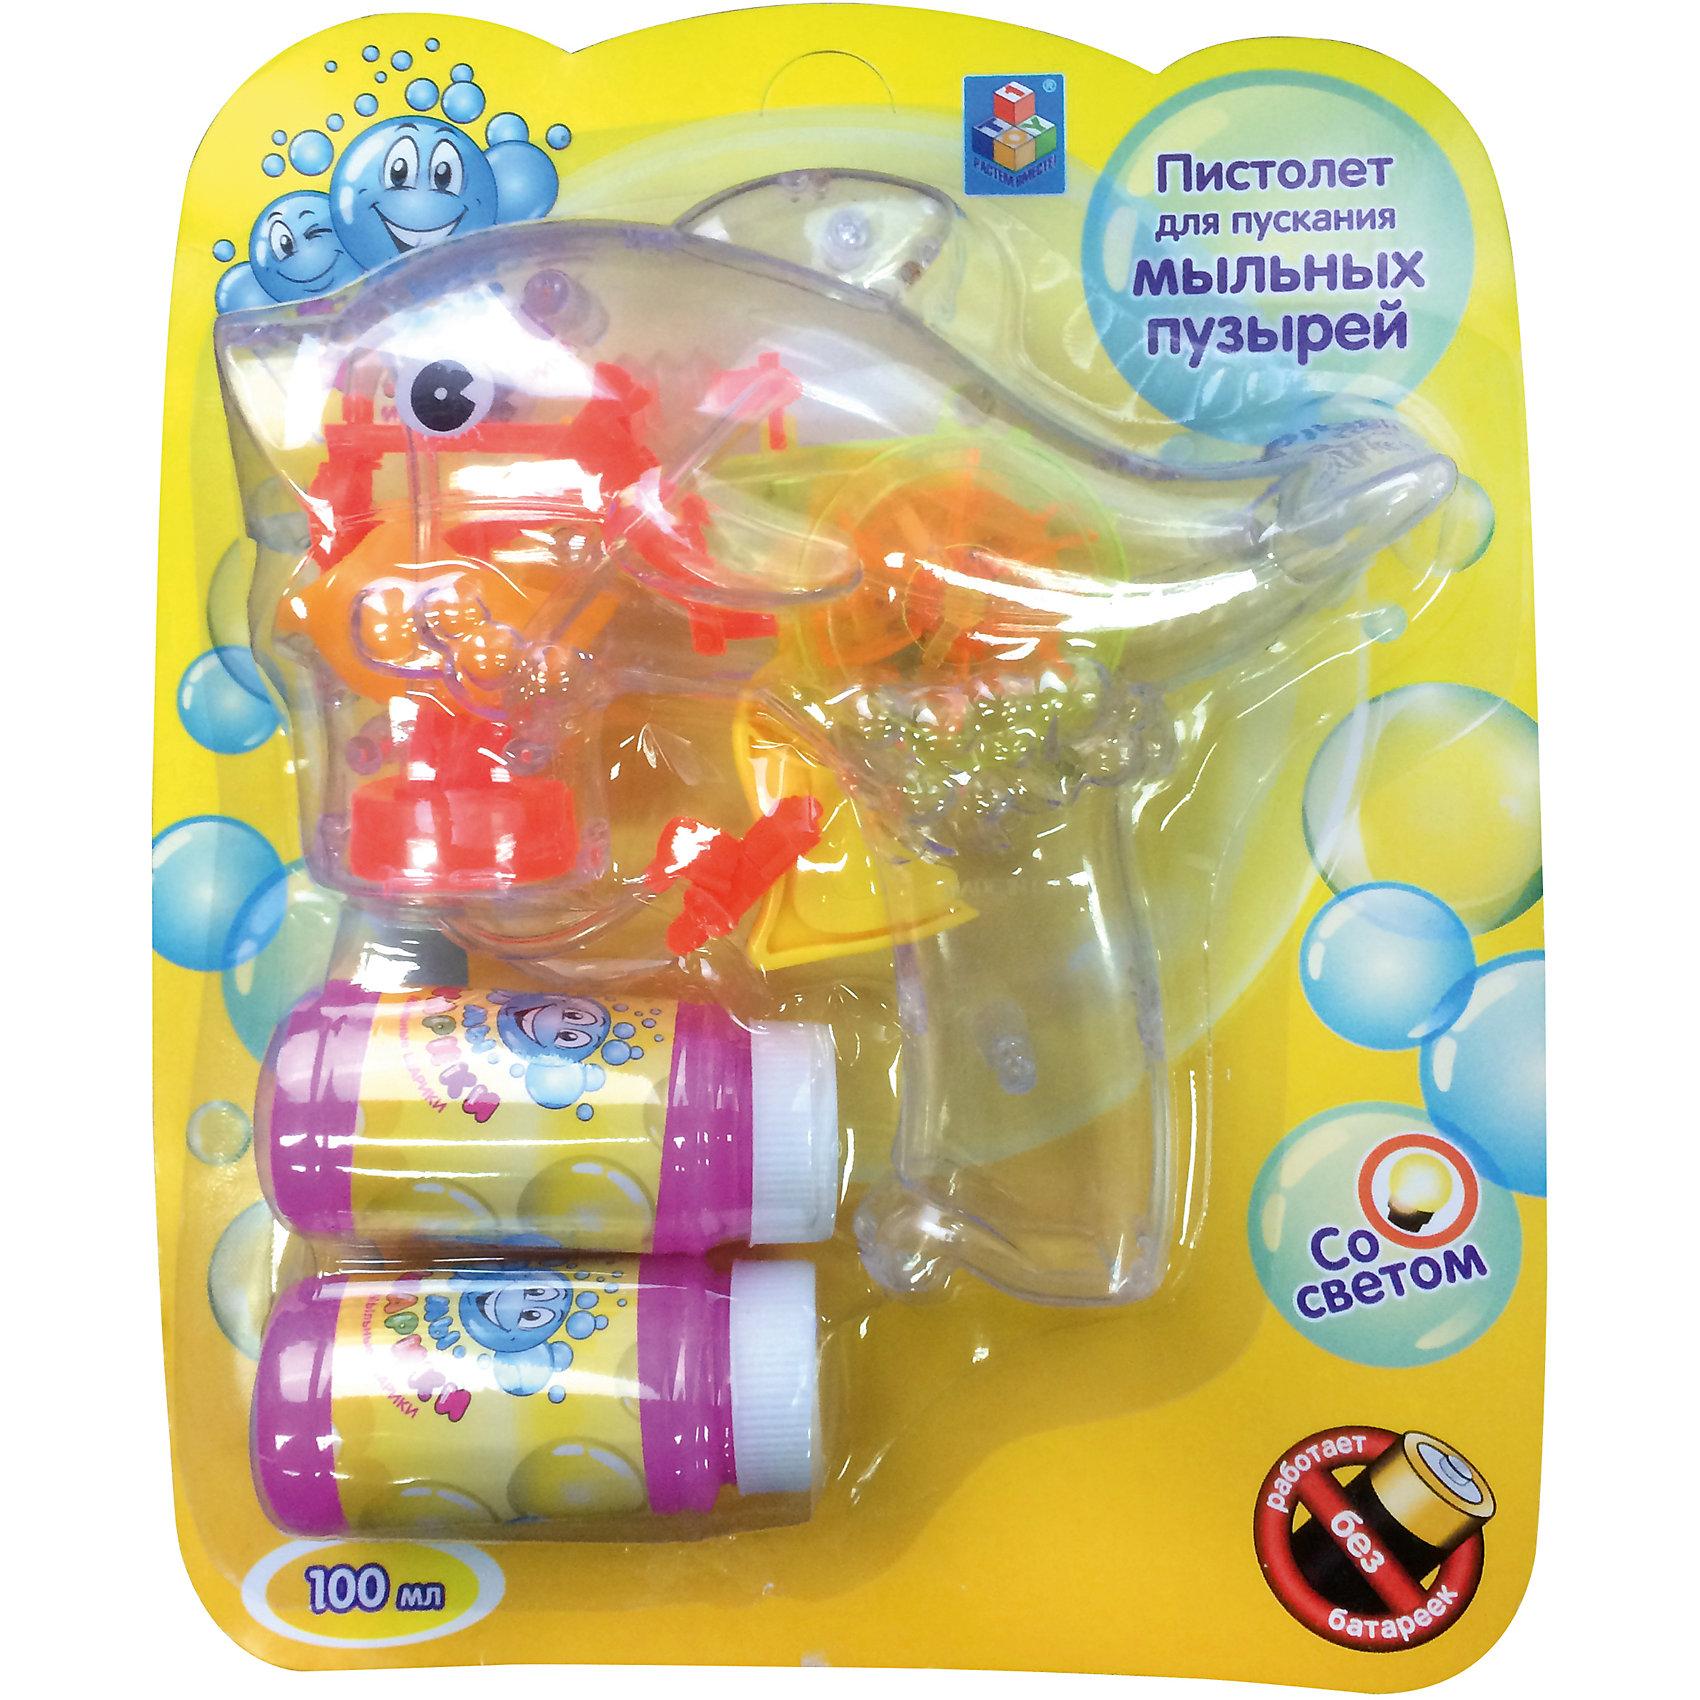 Мыльные пузыри Мы-шарики! Пистолет, со светом,+ 2 бутылочки по 50мл., 1Toy